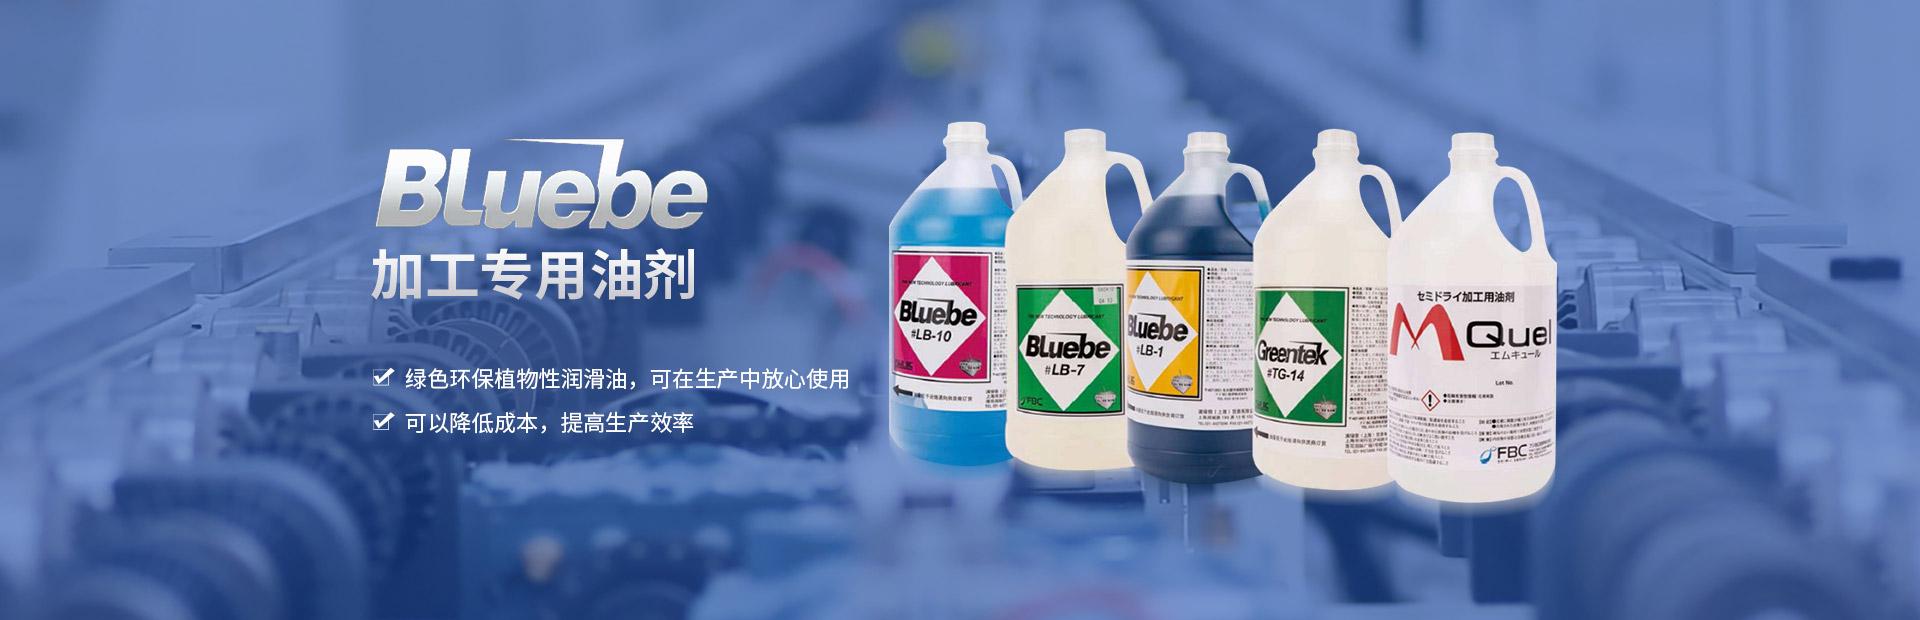 浦绿倍(上海)环保科技有限公司